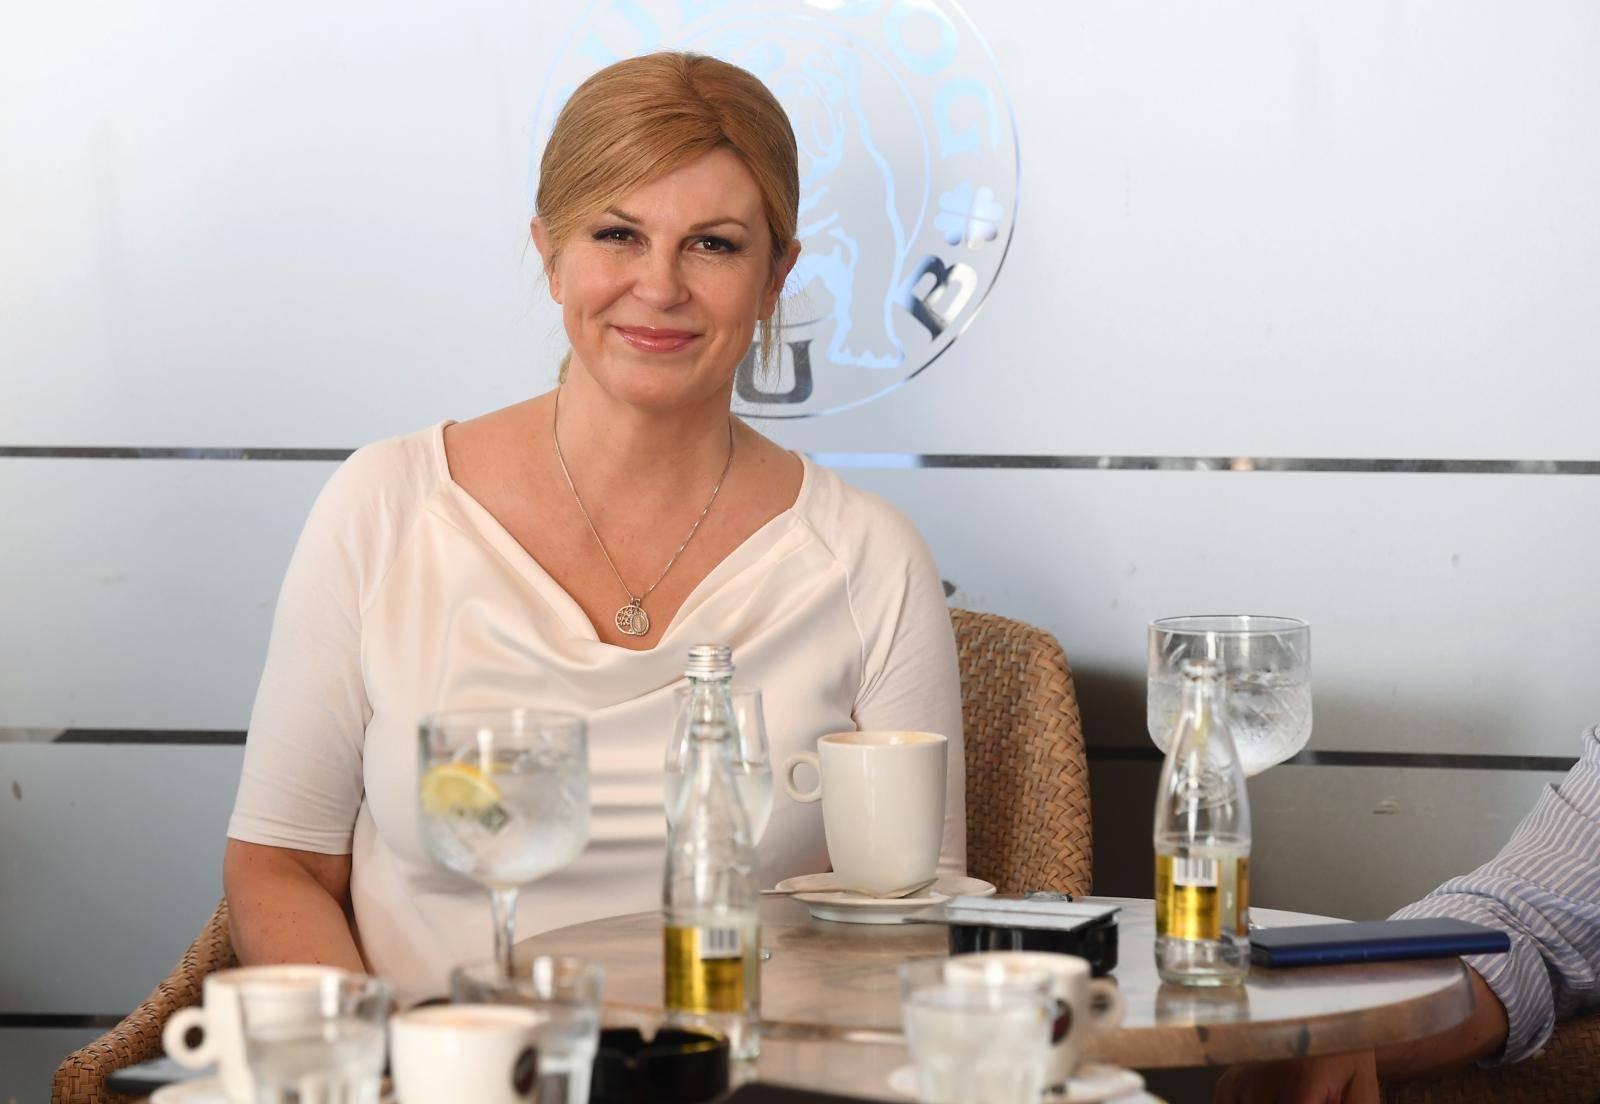 Zagreb: Bivša predsjednica Kolinda Grabar-Kitarović u društvu na kavi